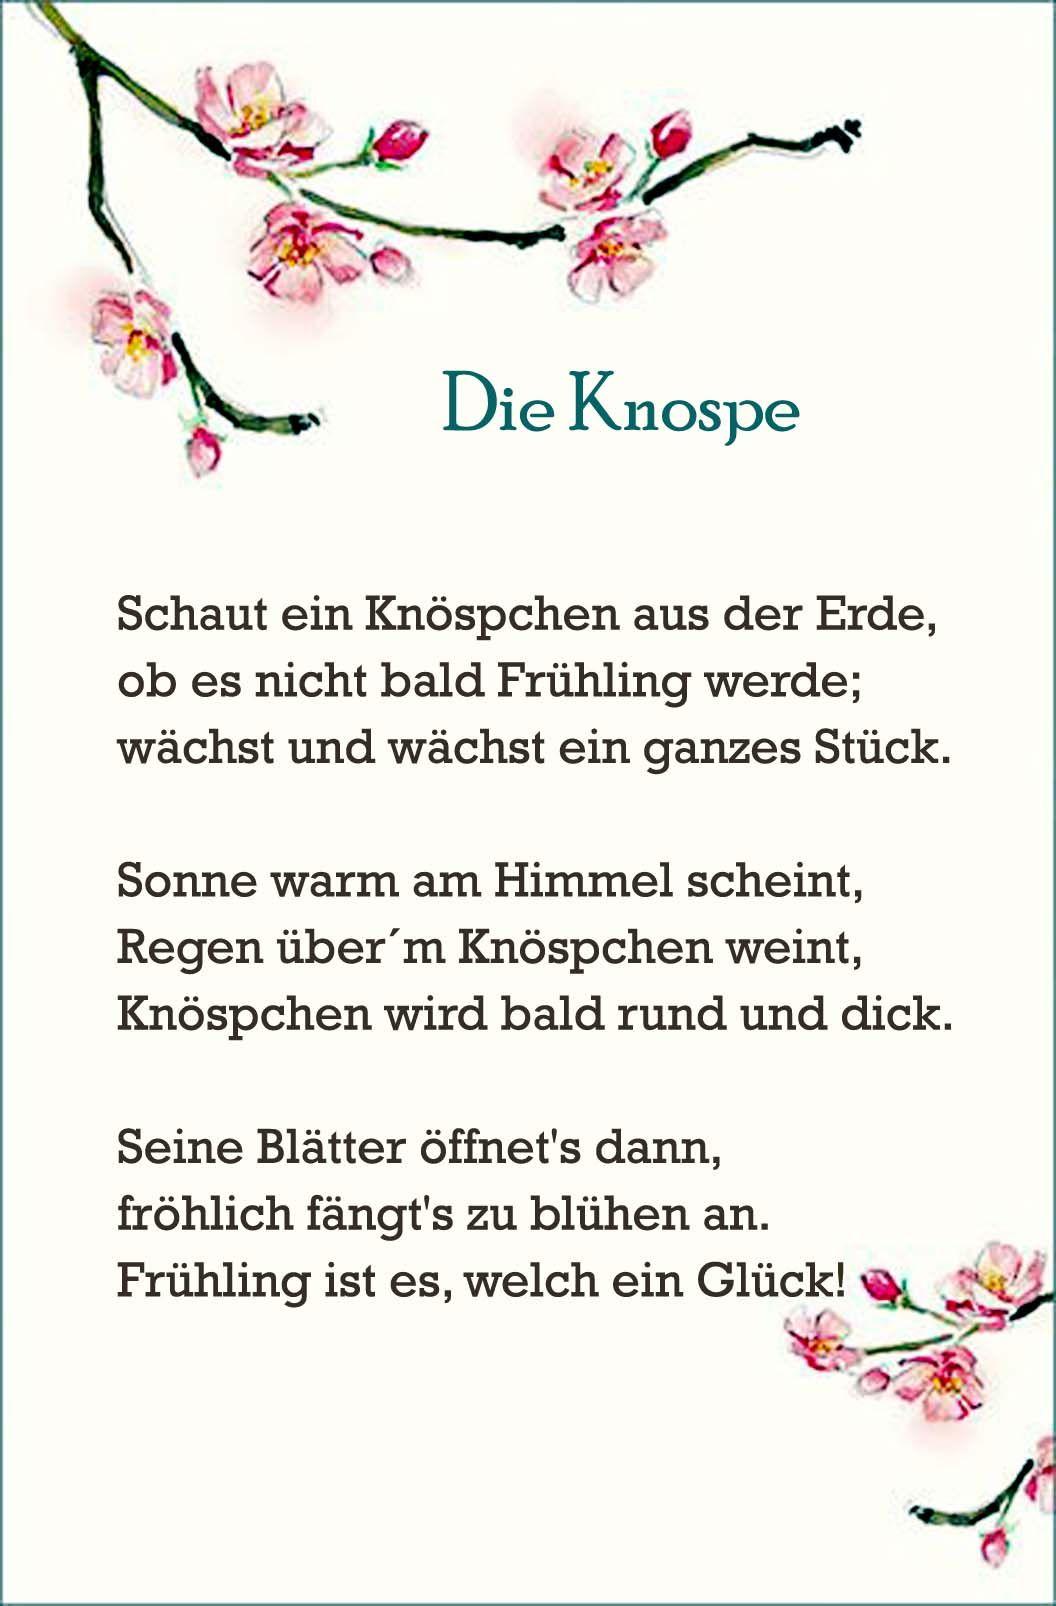 Pin Von Stickbild1928 Auf Sprüche Kinder Gedichte